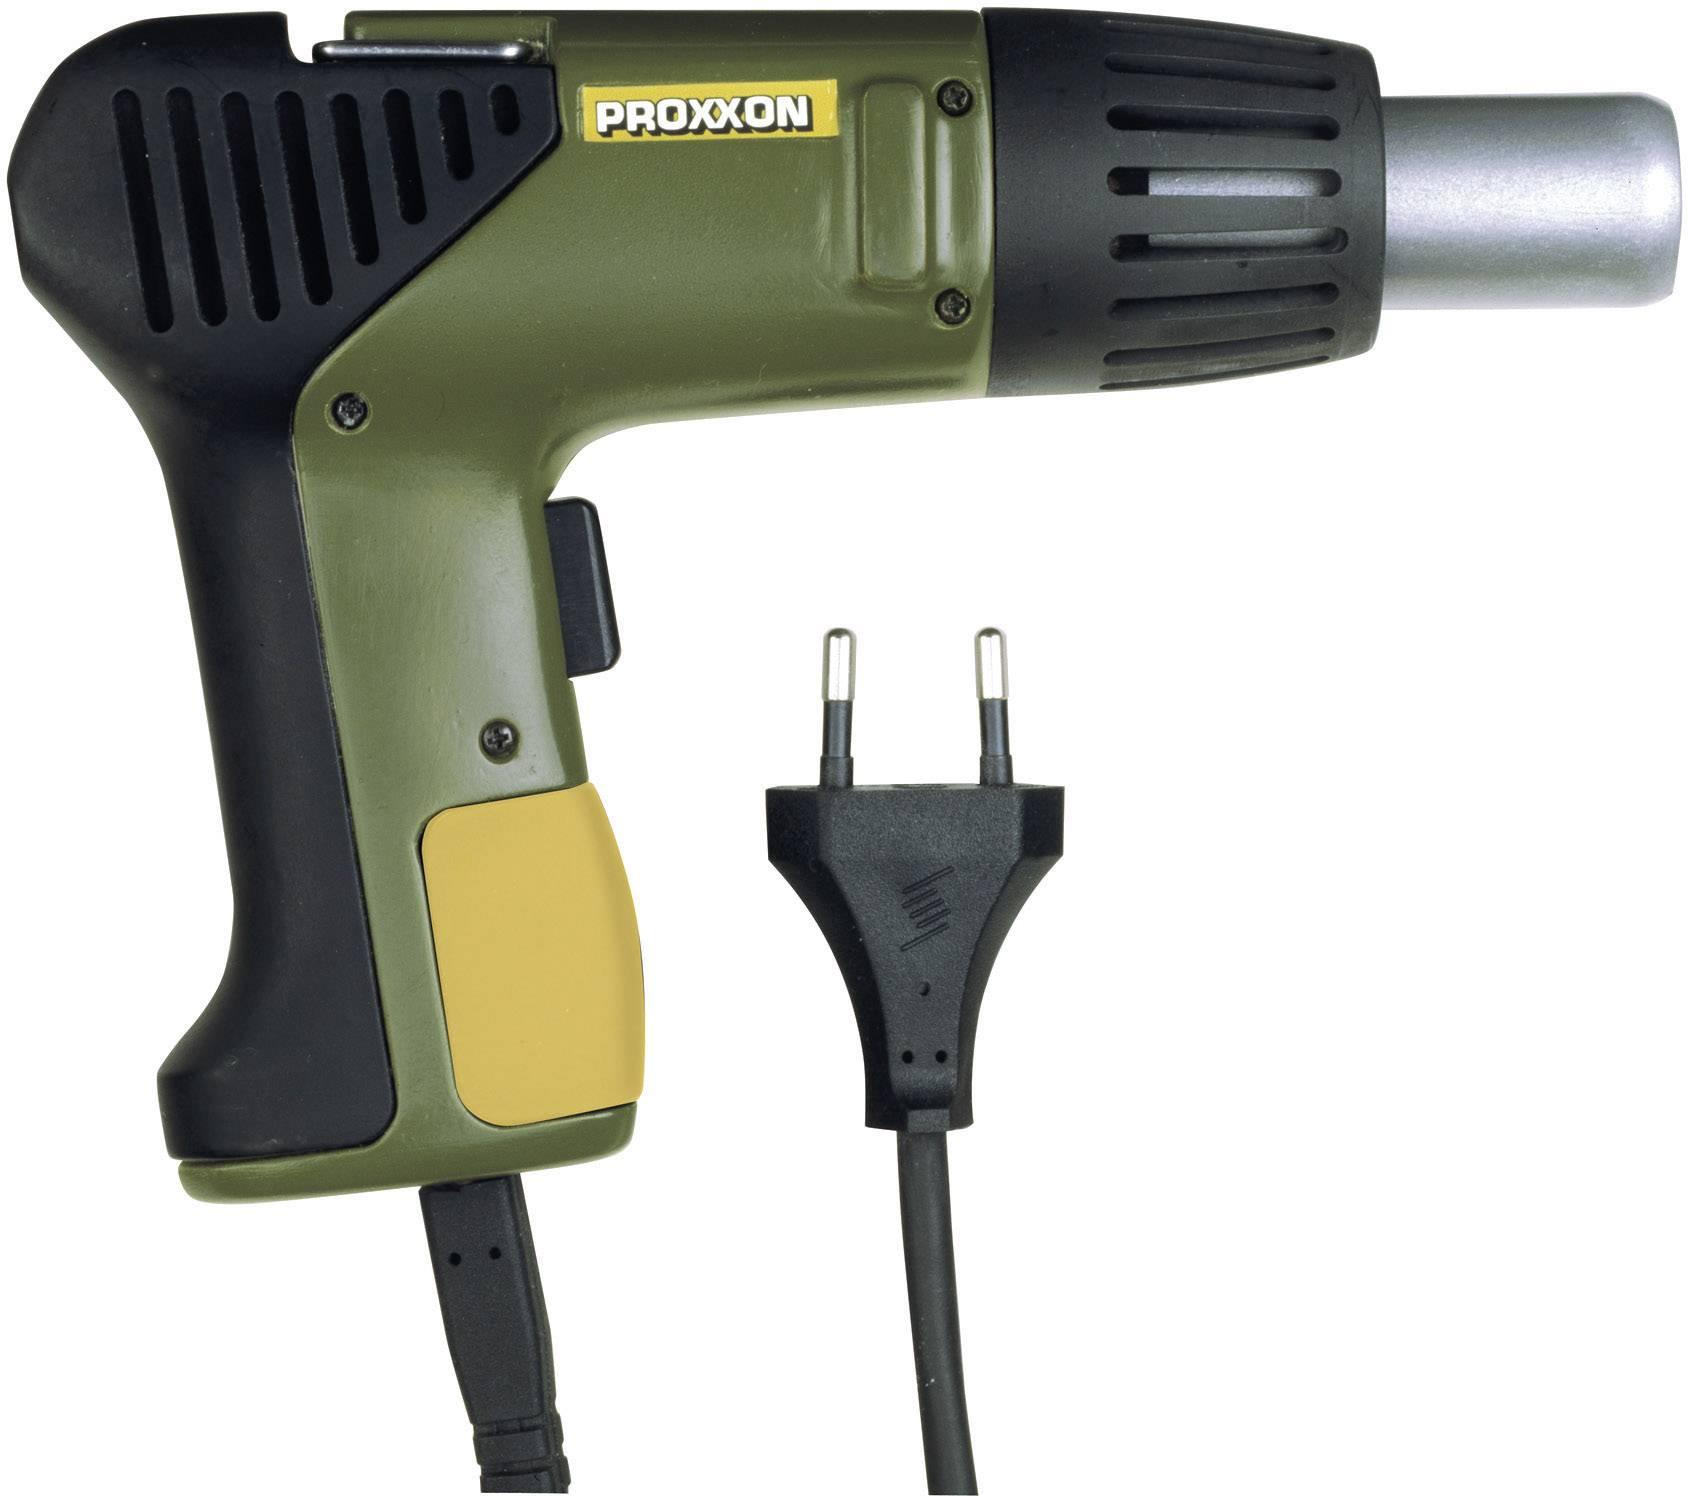 Teplovzdušná pištoľ Proxxon Micromot MH 550 27 130, 500 W, 350 °C, 550 °C